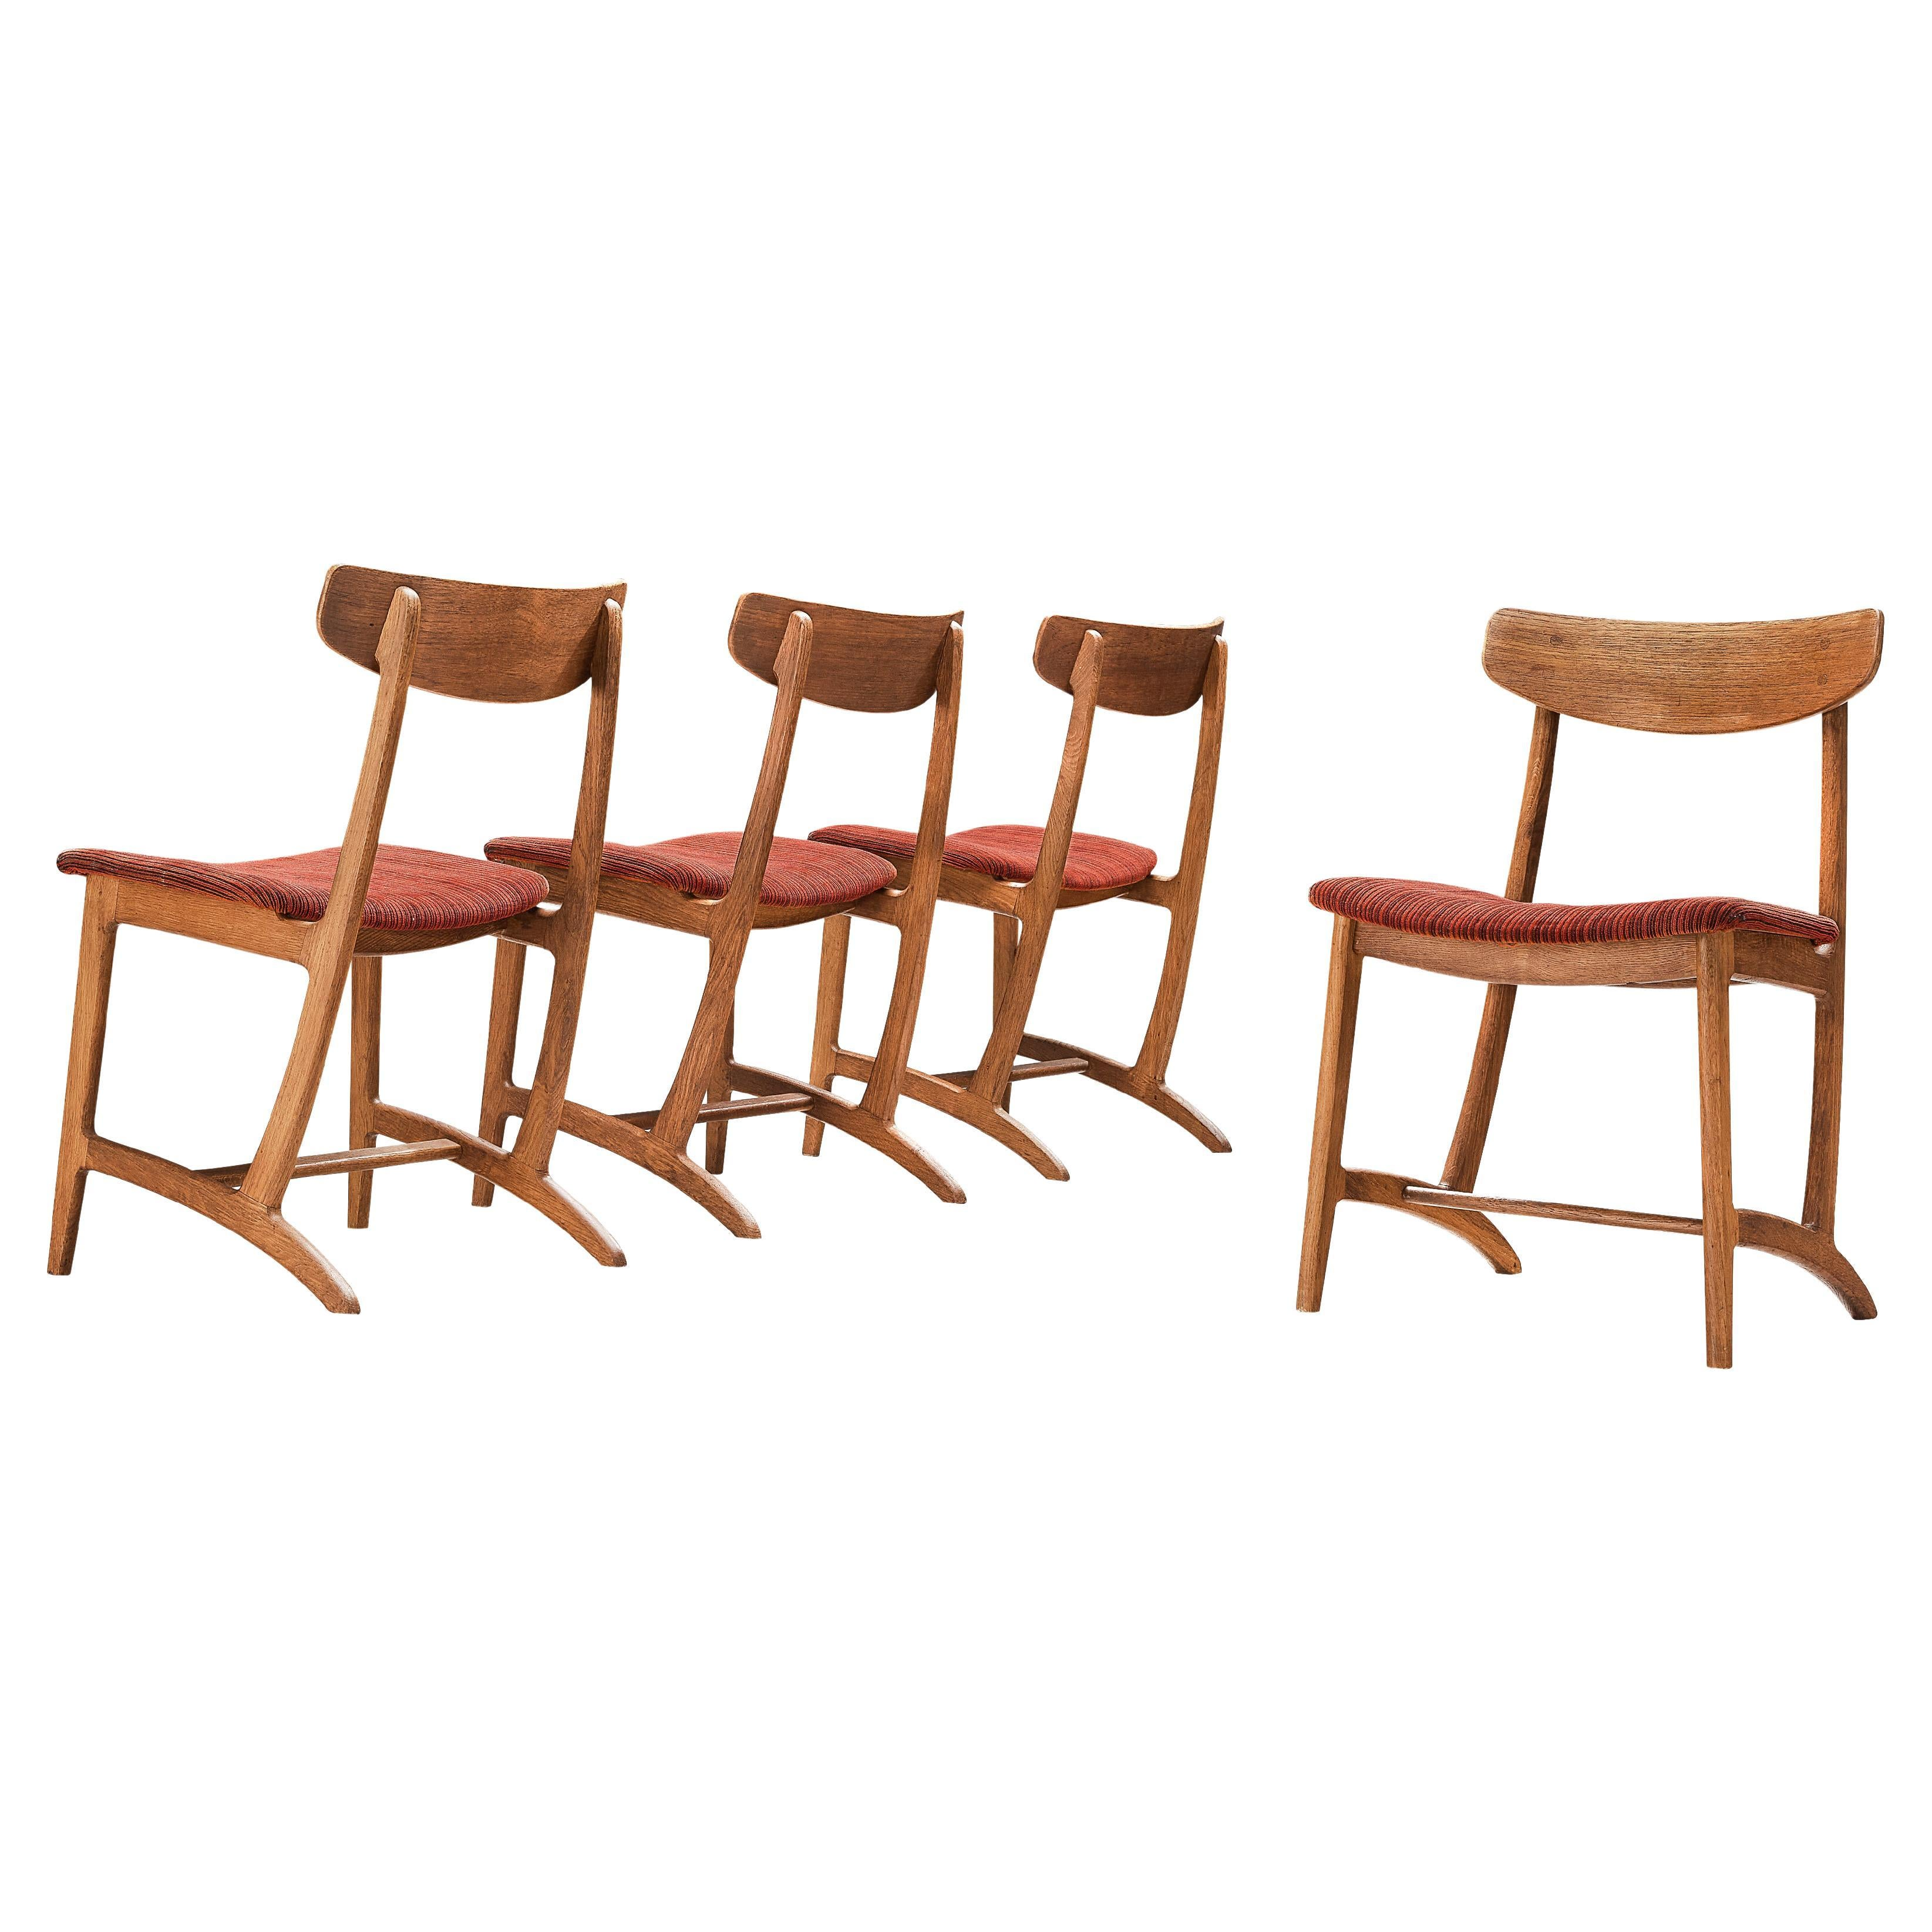 Illum Wikkelsø for Bordum & Nielsen Set of Four Dining Chairs Model 55